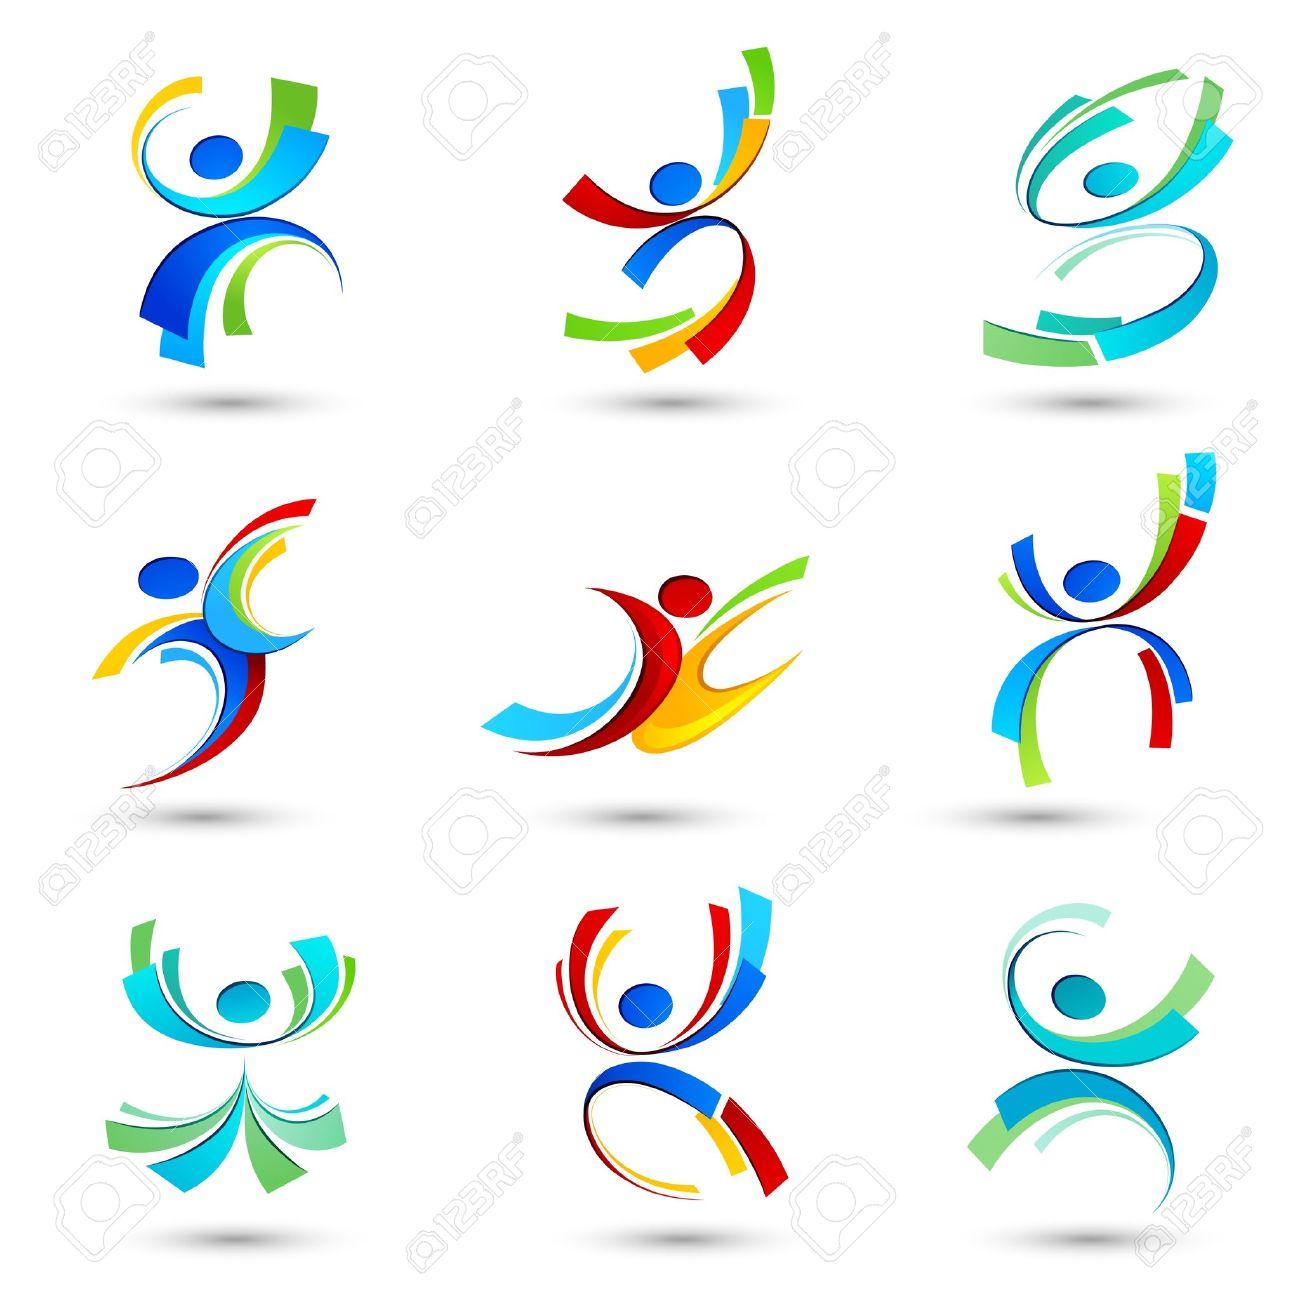 Logos: télécharger +4100 photos, logos et images. Le logo pour portable,